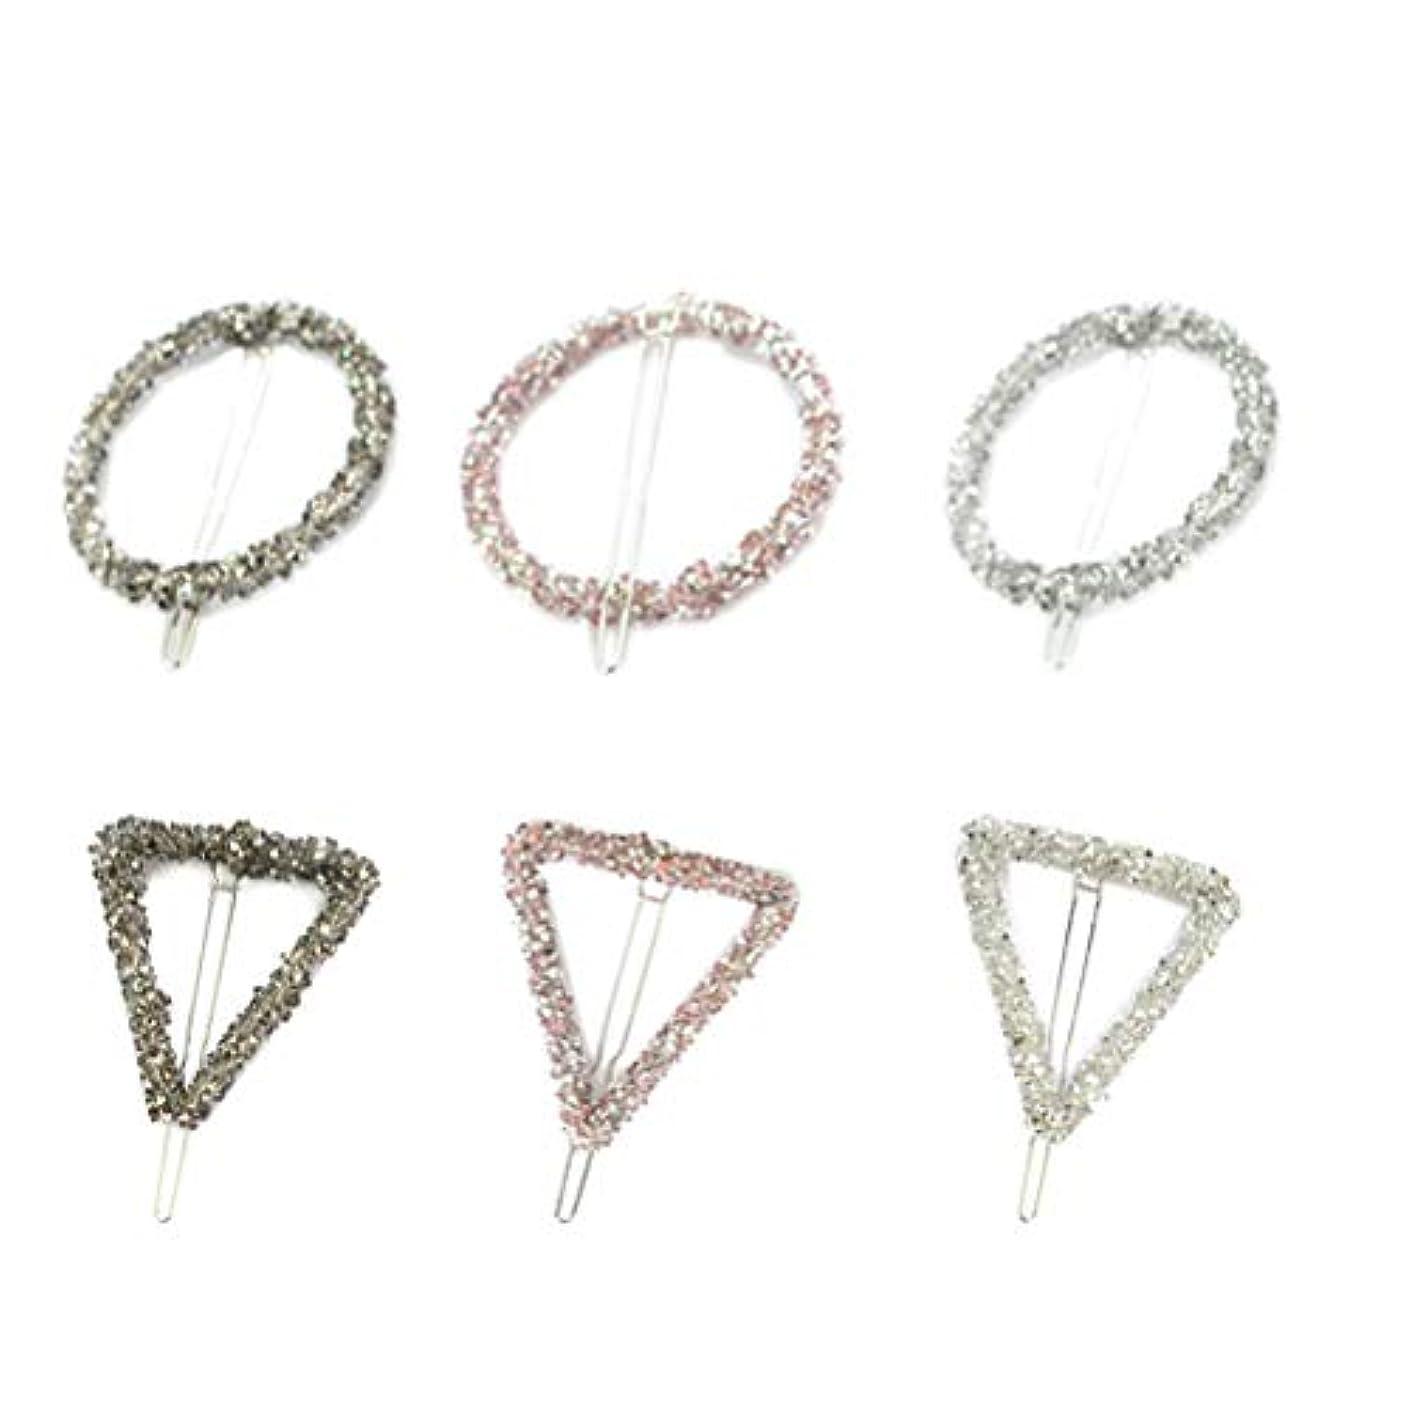 マスク方法絶妙Lurrose 6ピーストライアングルヘアピン中空幾何学的合金ヘアピンヘアクランプサークルトライアングル用女性